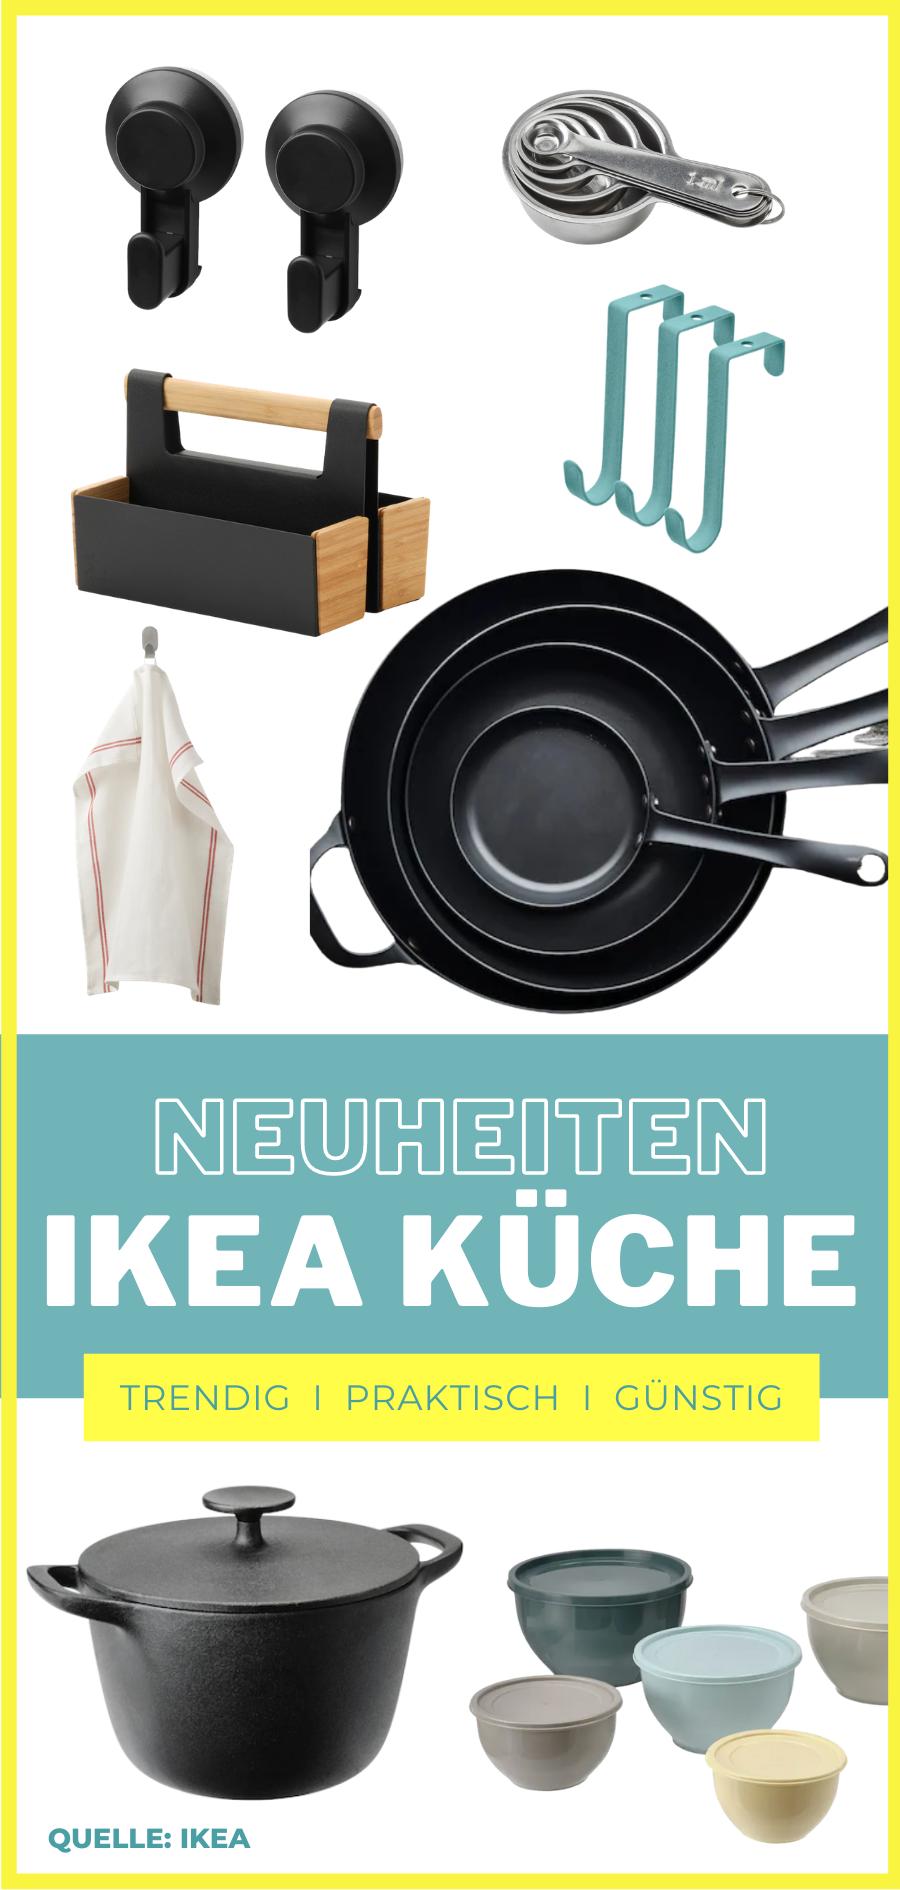 Diese Küchenutensilien für Organisation und zum Kochen sind günstig, liegen voll im Trend und brandneu bei IKEA. MOE'S QUICK & EASY FOOD – #küchenutensilien #ikea #hacks #kücheninspiration